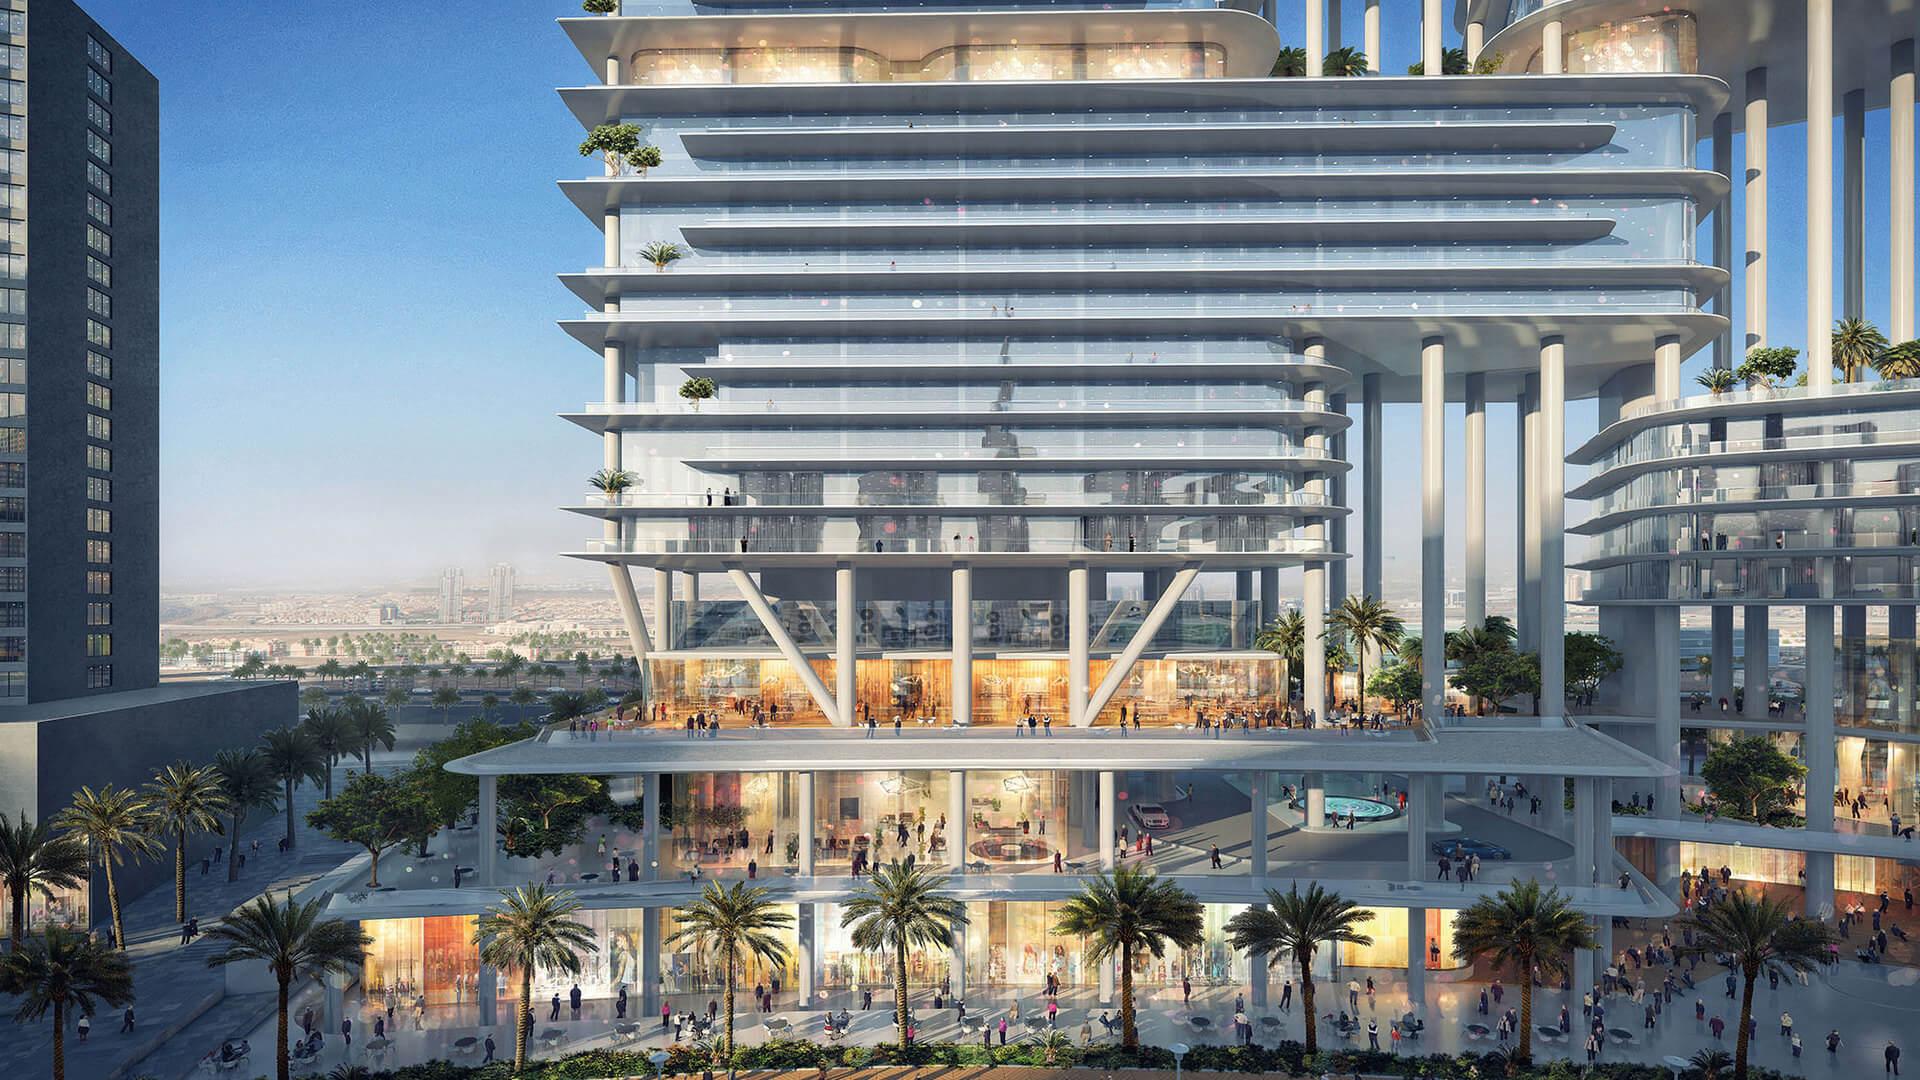 Ático en venta en Dubai, EAU, 5 dormitorios, 1645 m2, № 24060 – foto 4